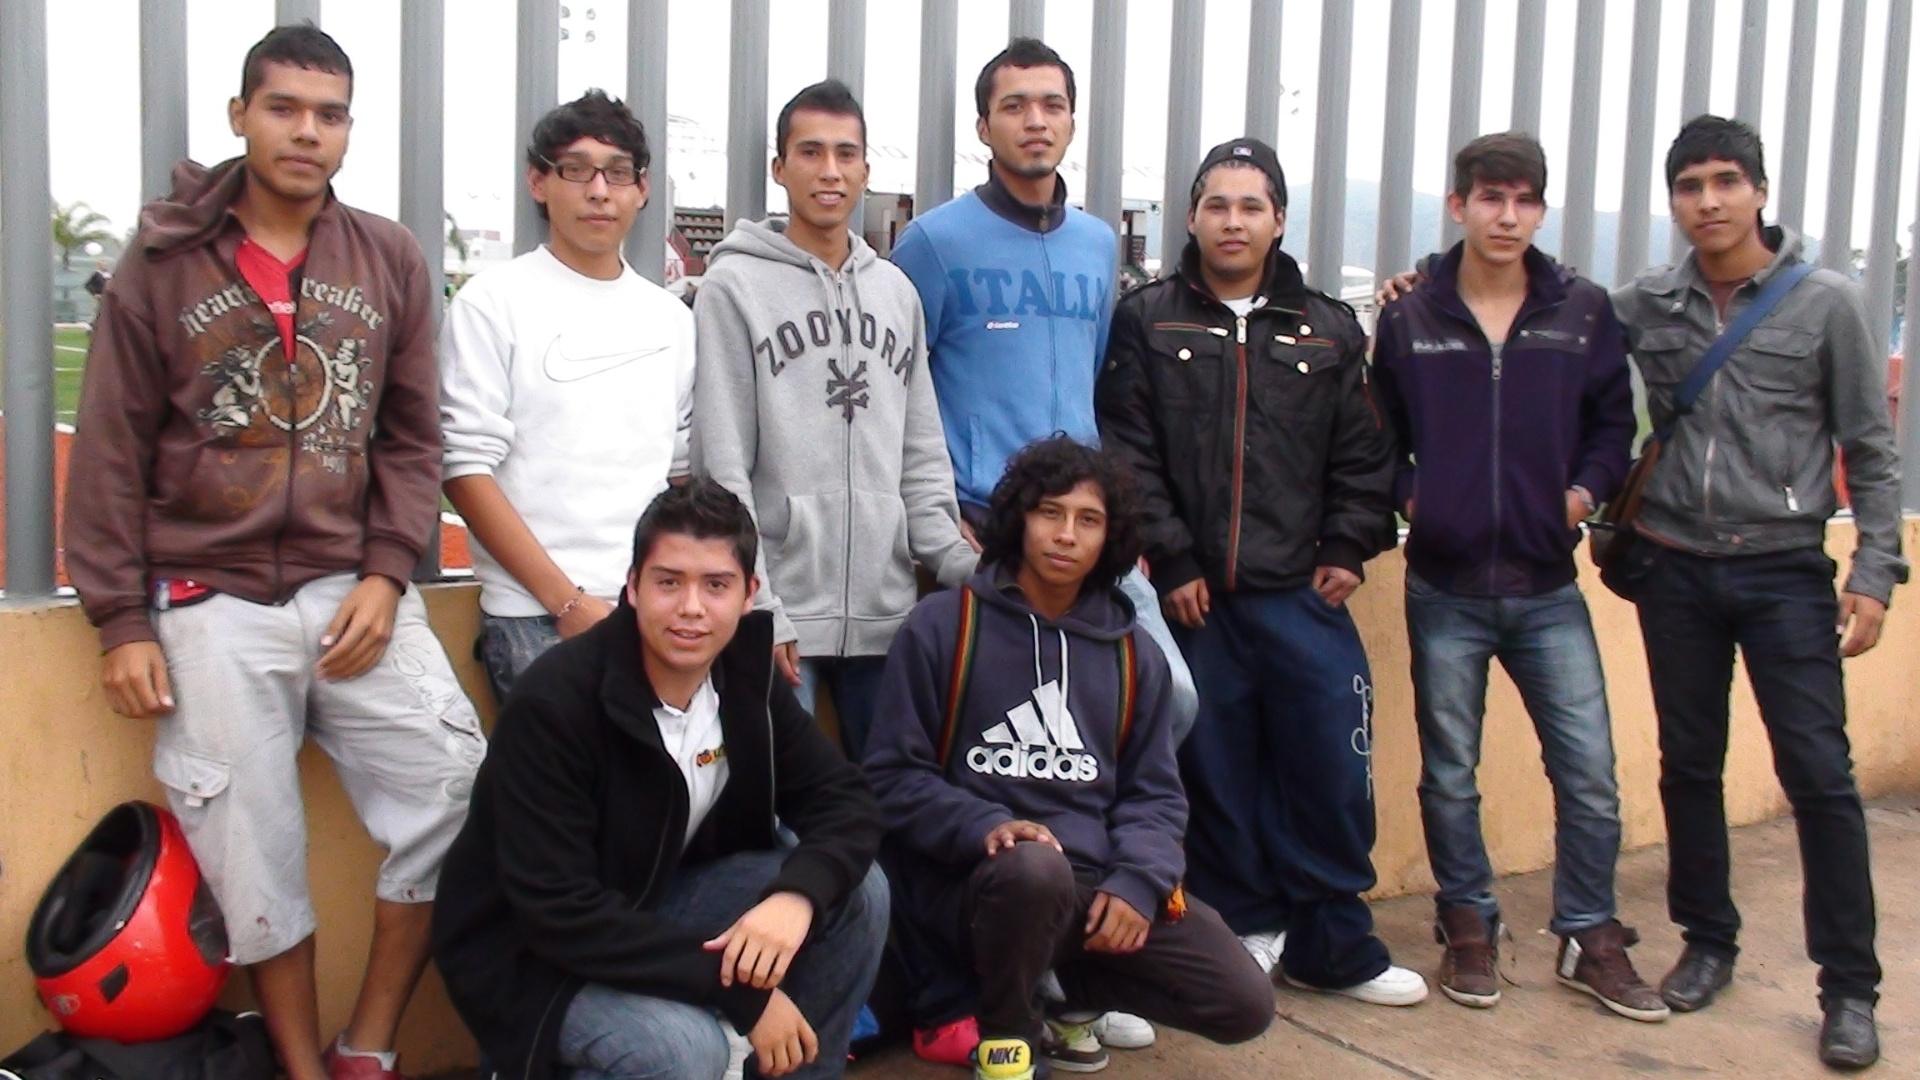 Enquanto esperavam para utilizar o campo, garotos mexicanos assistiram ao treino do Brasil